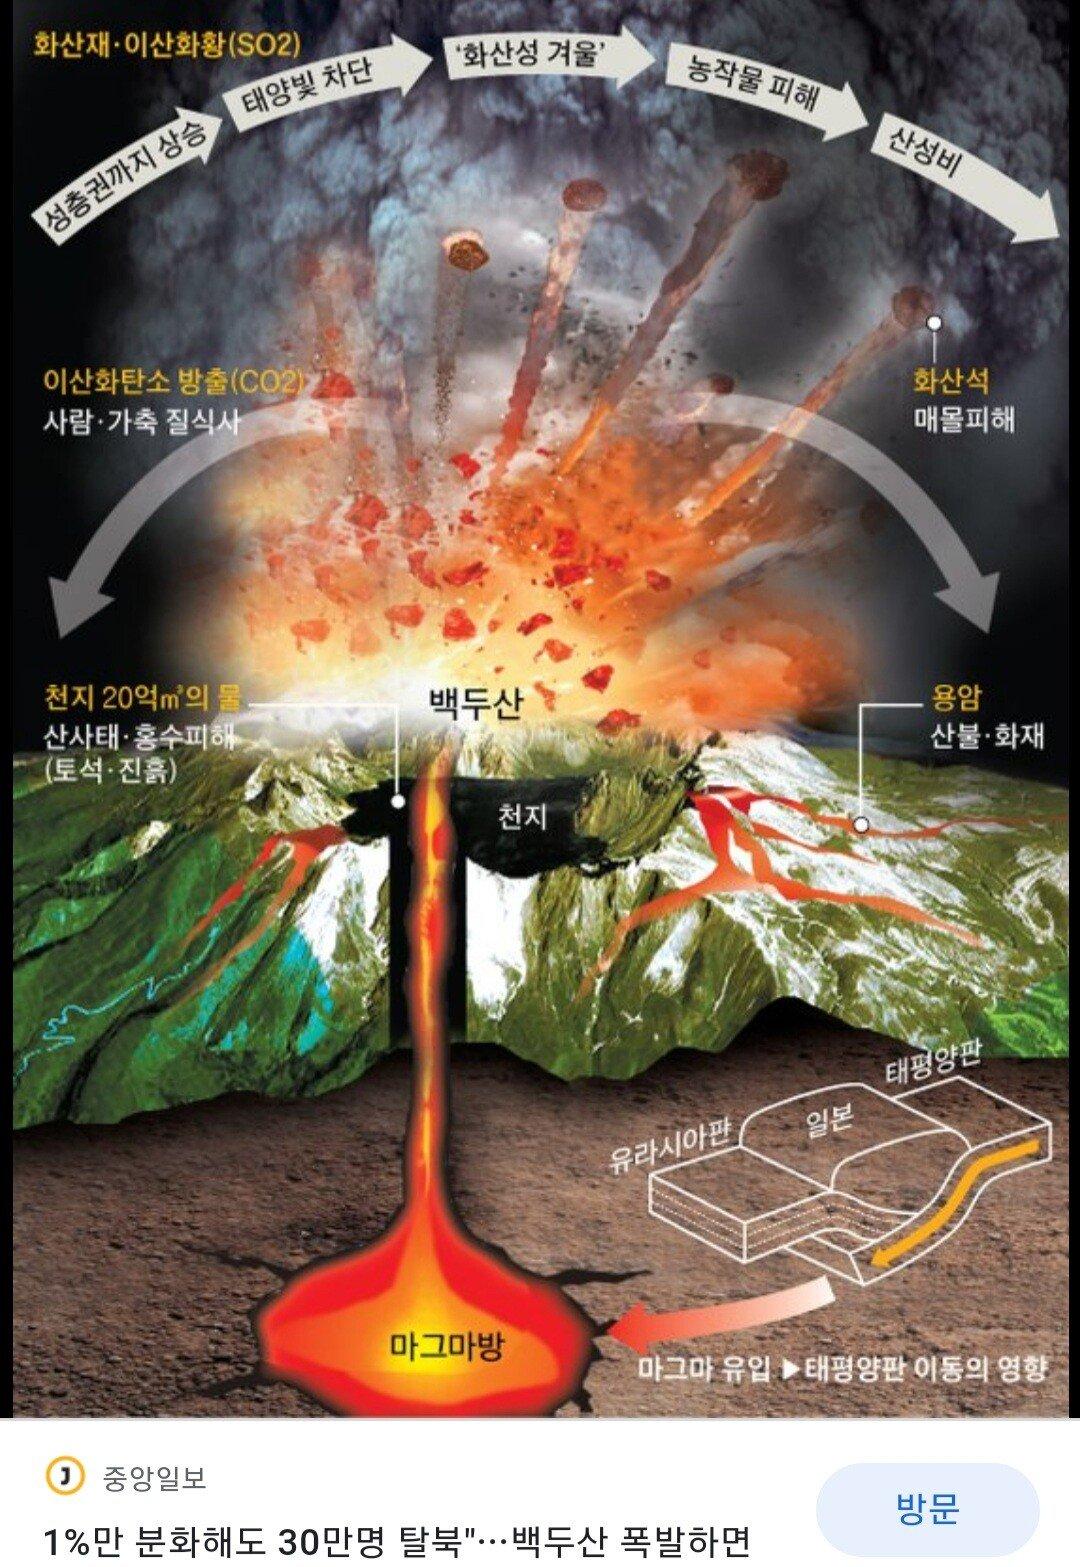 20210128_092237.jpg 북한 정권 붕괴 시나리오